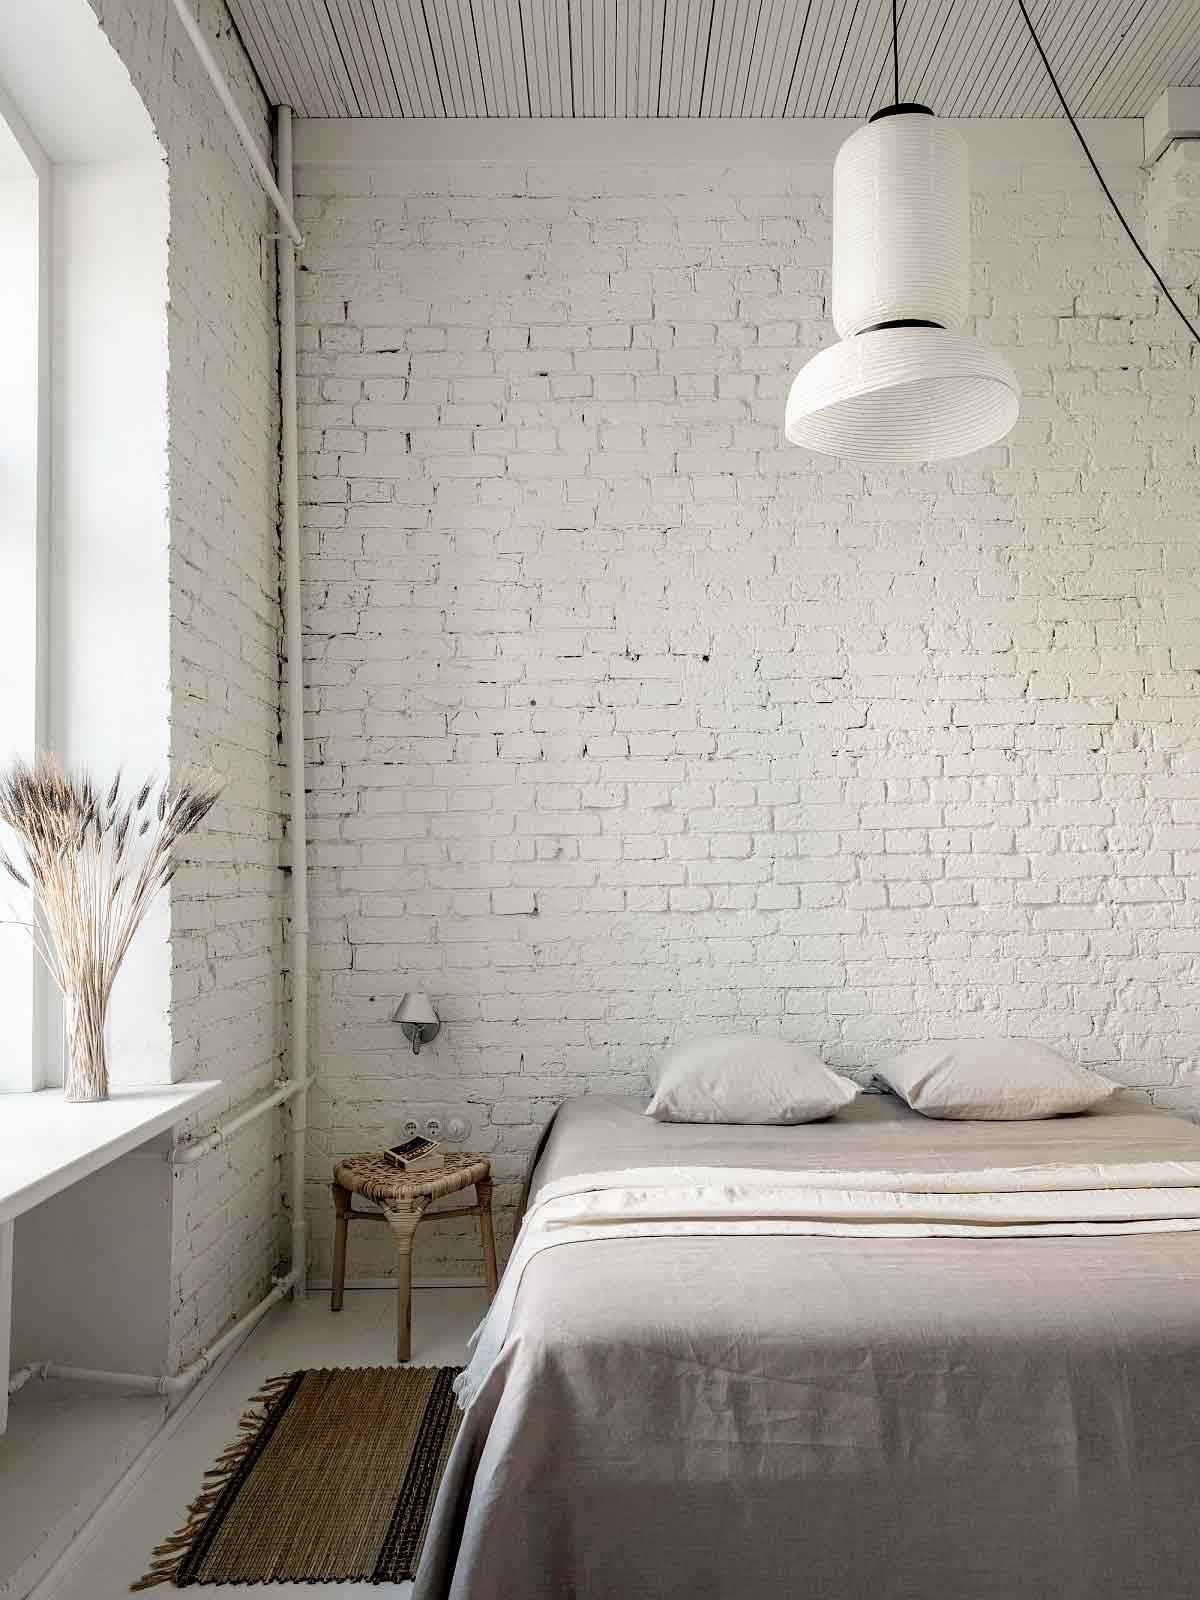 Desain interior kamar tidur apartemen di Moskow karya Buro5 // decoist.com